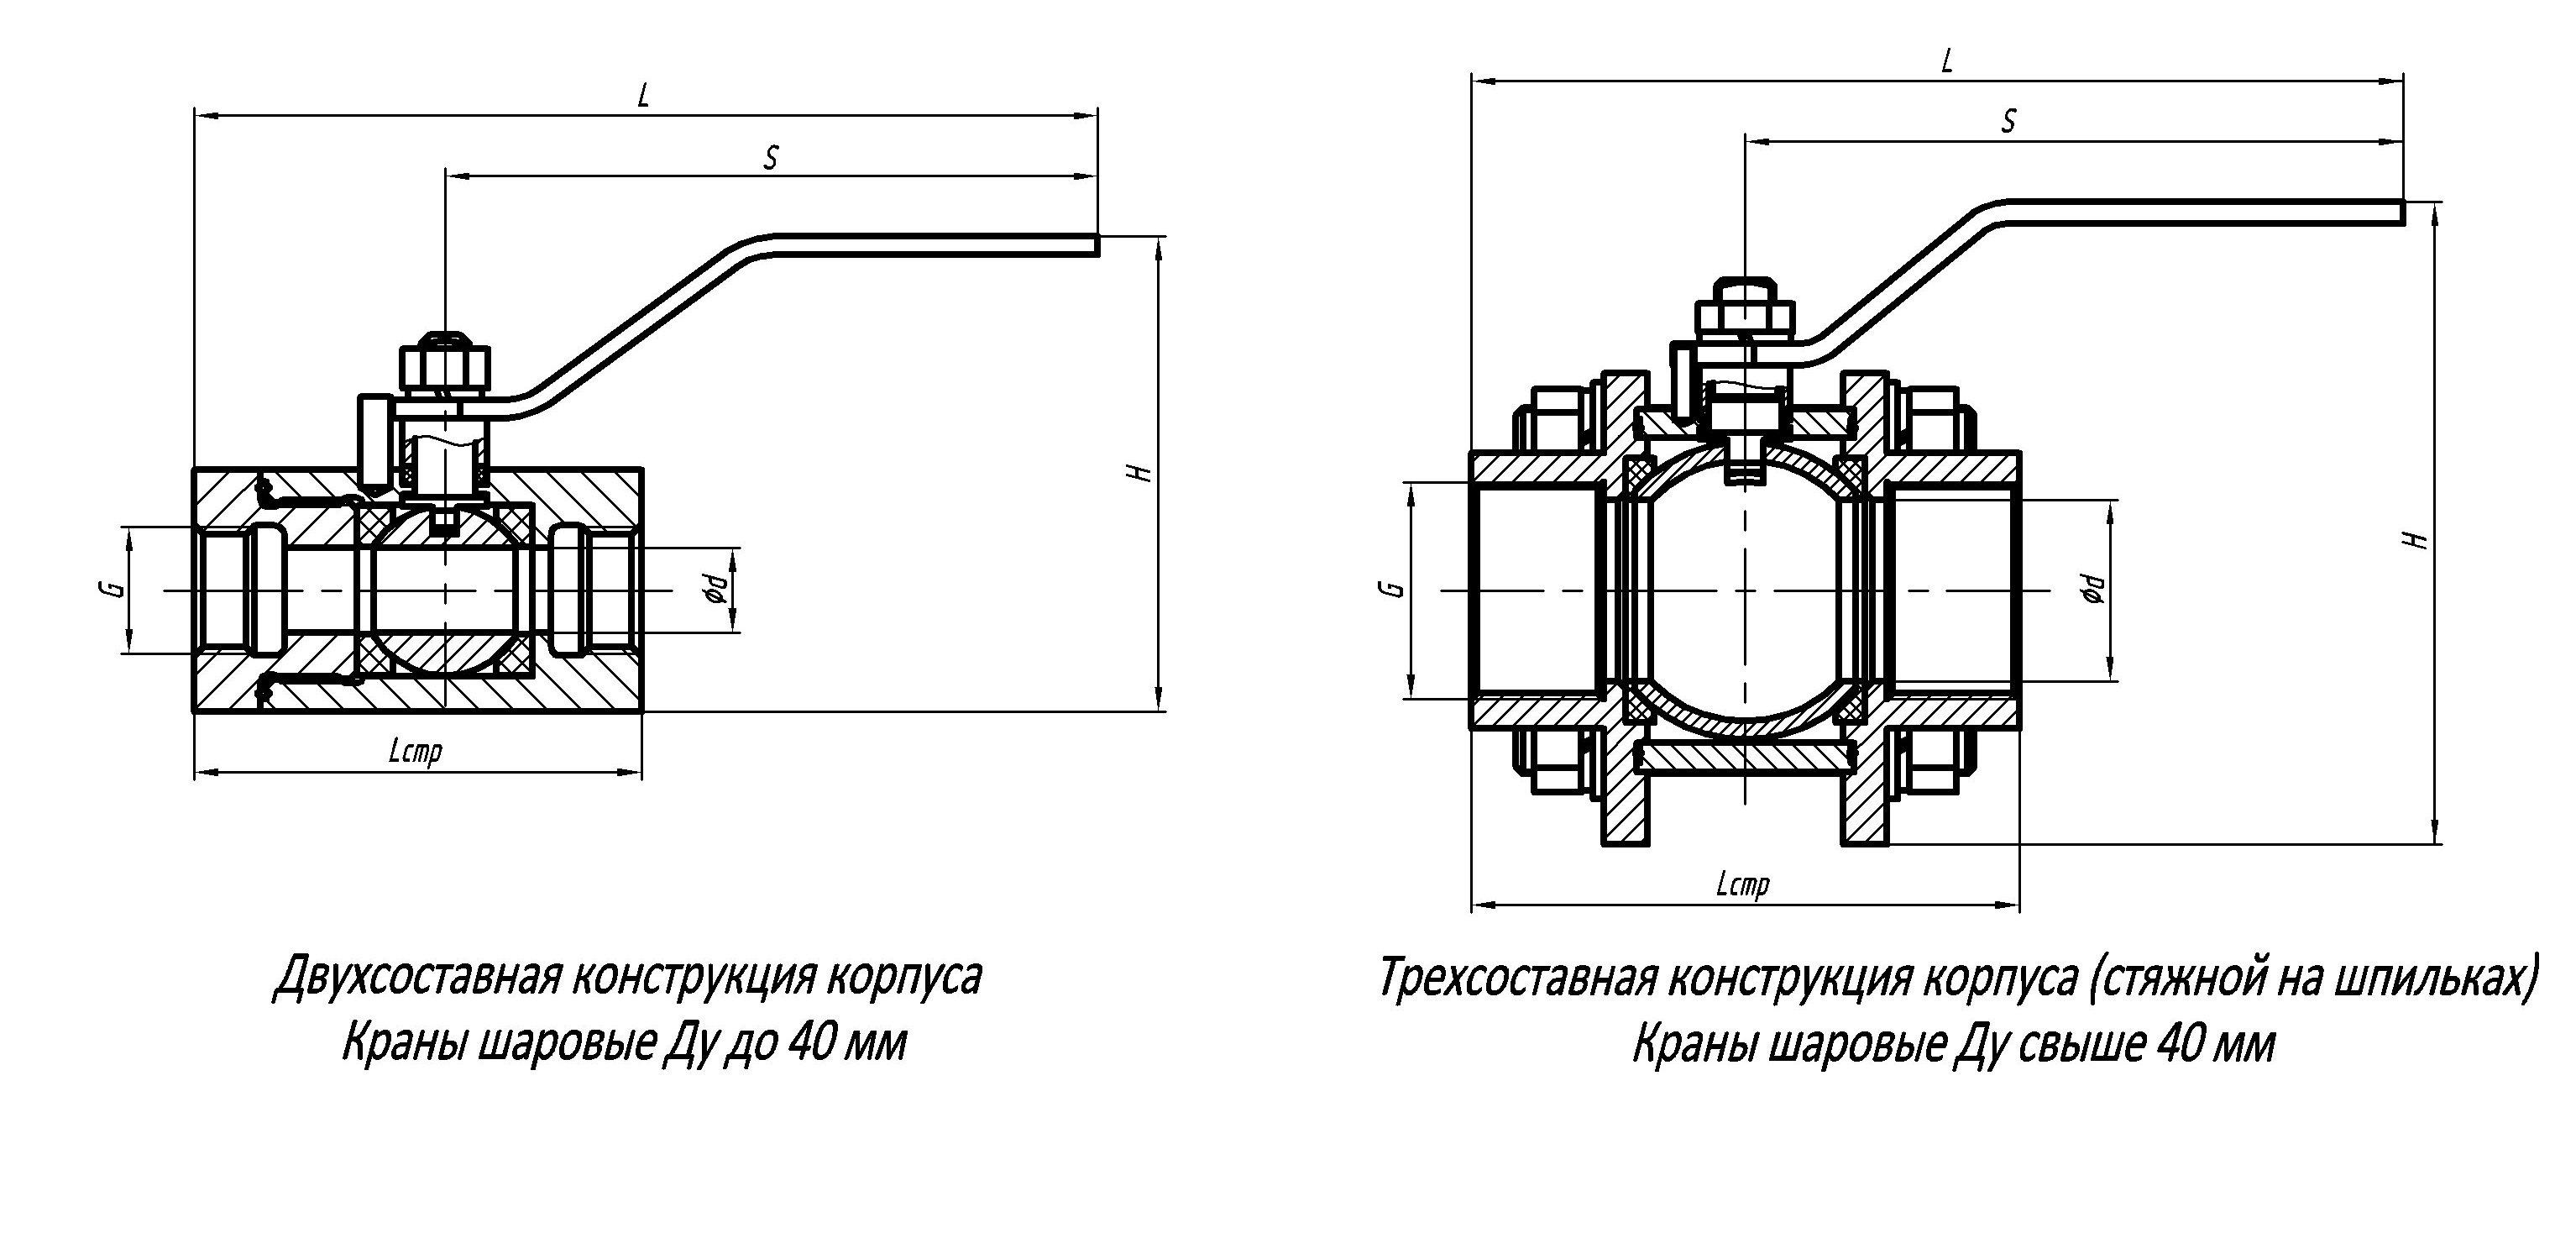 Шаровые трехходовые краны: разновидности конструкций